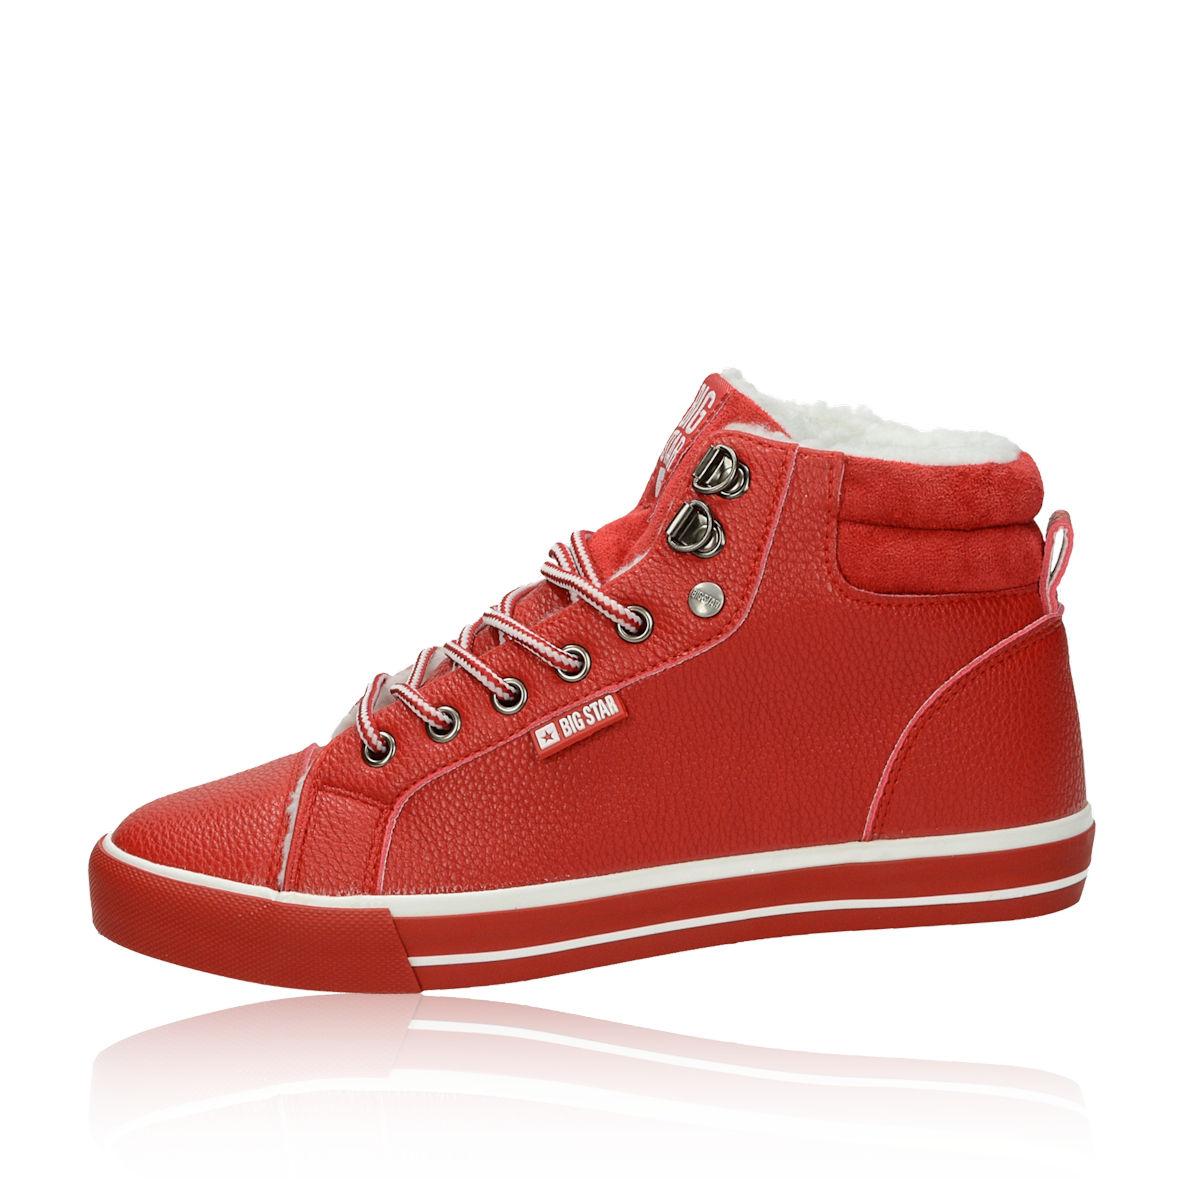 ... Big Star dámské stylové zateplené tenisky - červené ... b02c548378